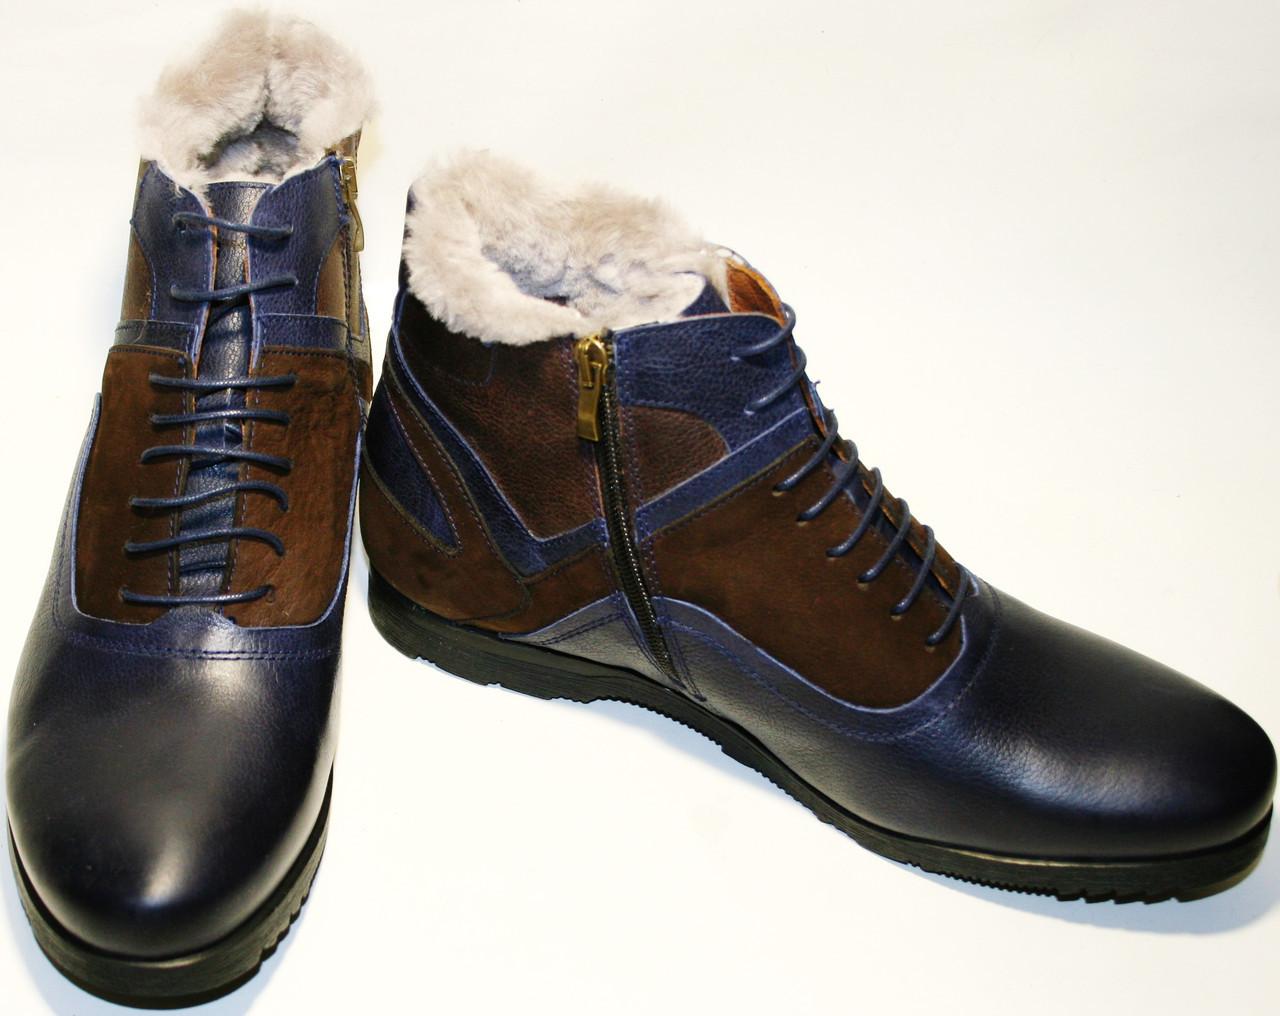 90744d9c3 Мужские зимние ботинки на натуральном меху классические Luciano Bellini -  Интернет-магазин